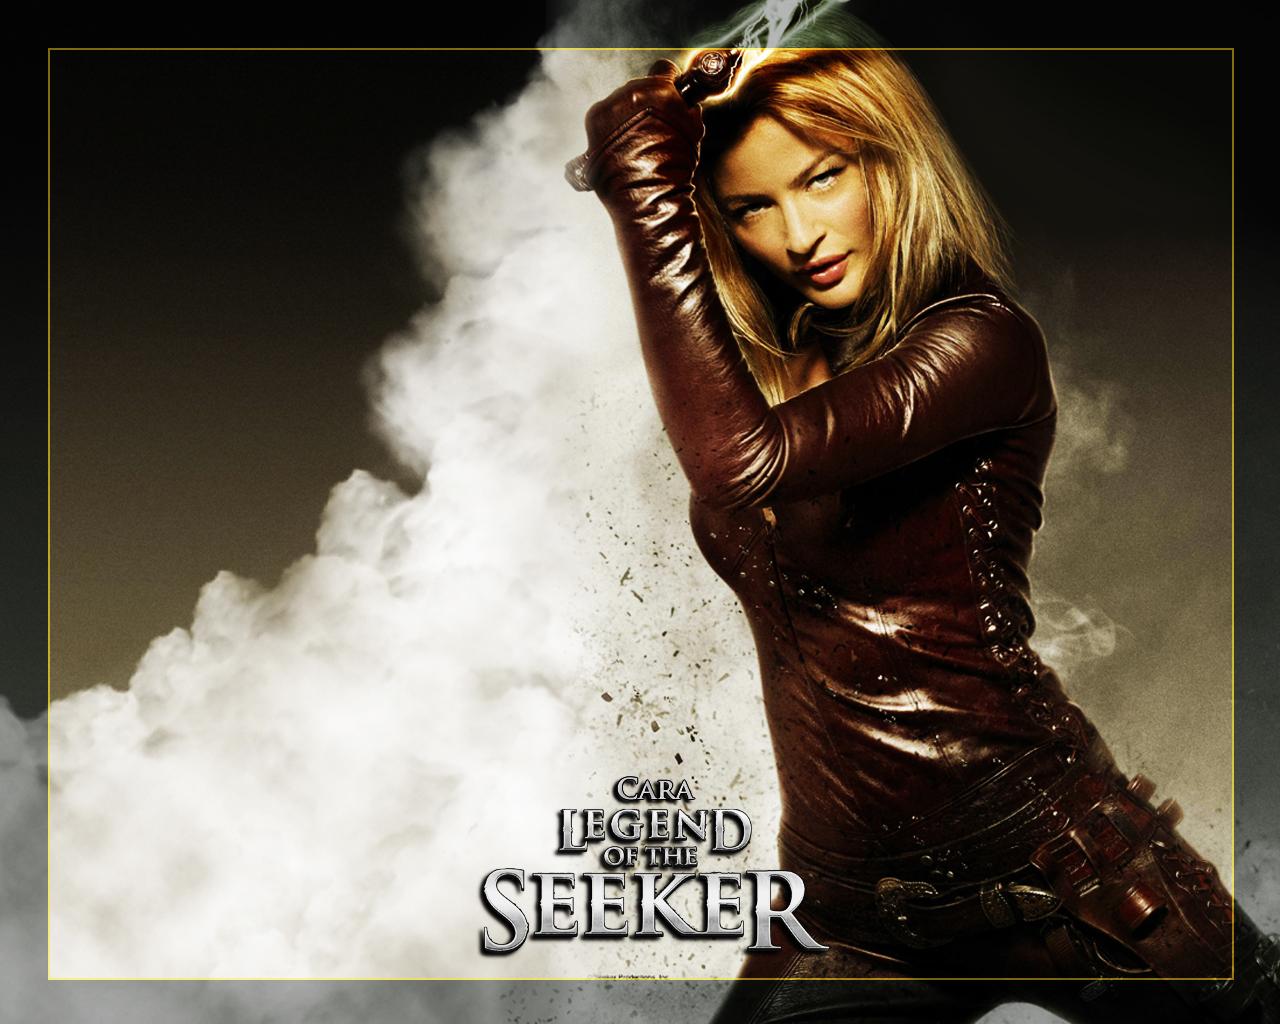 Legend of the seeker cara